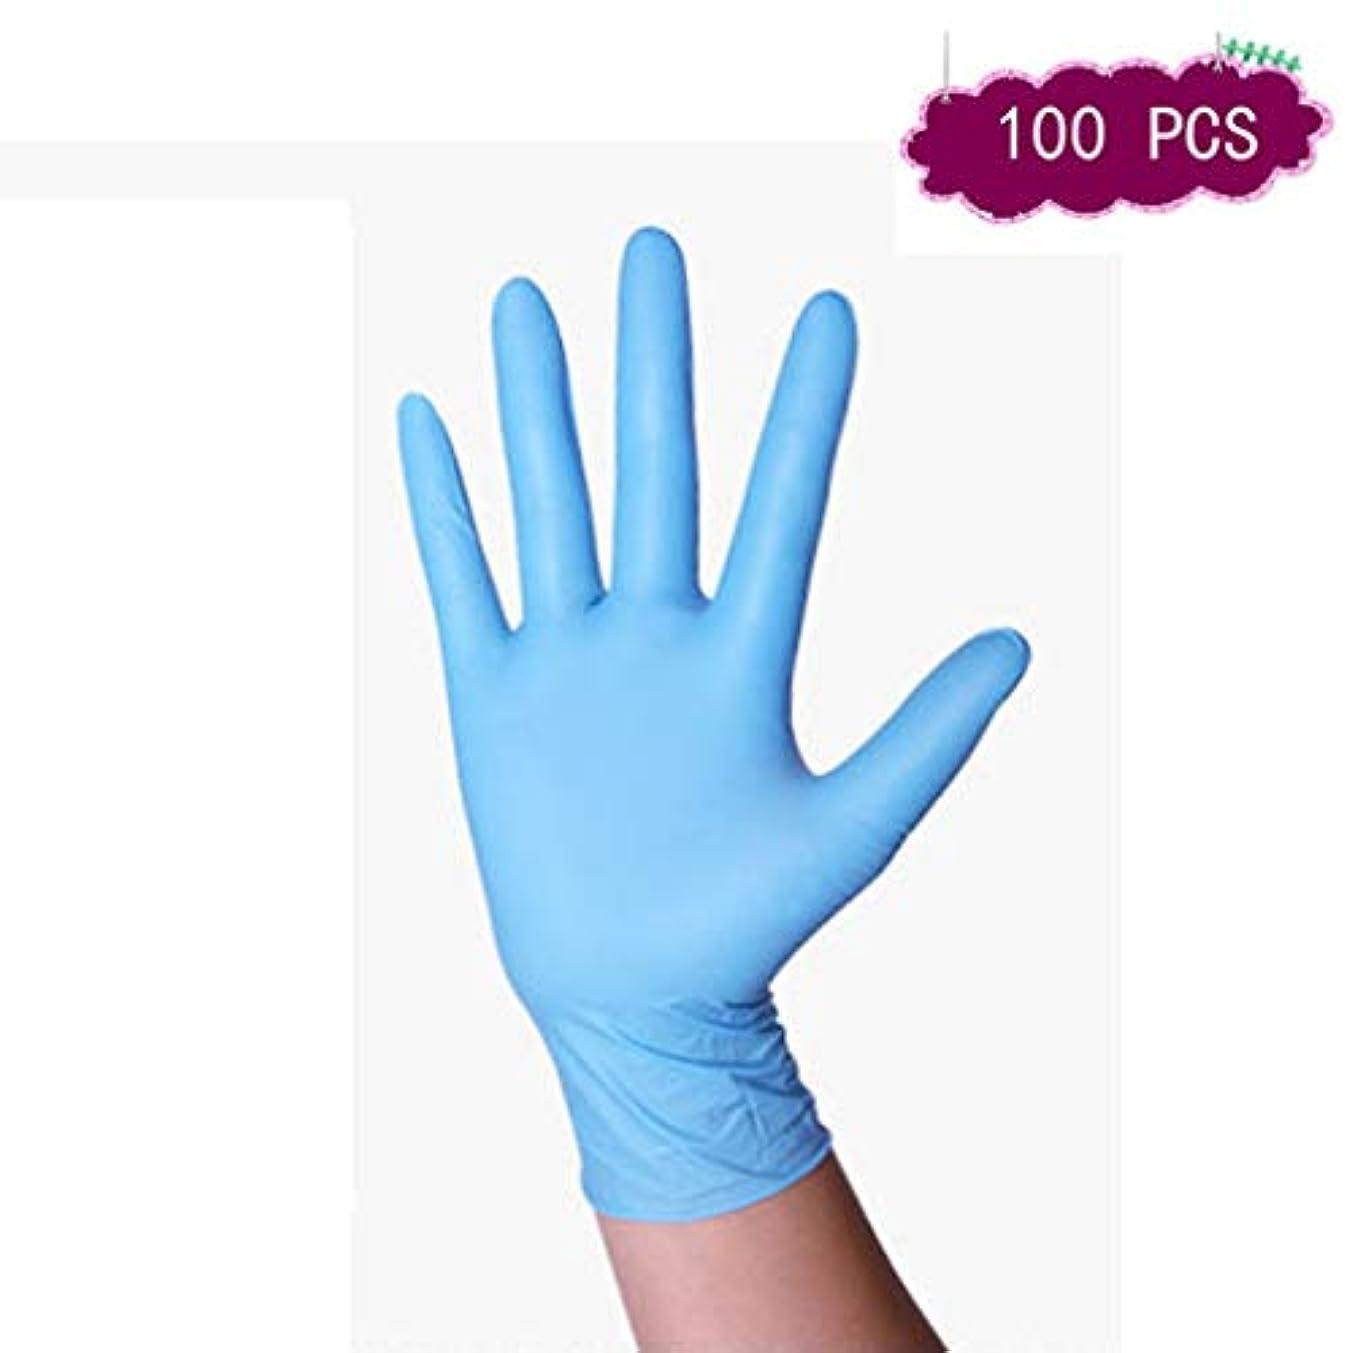 簡単な海峡ひも終了する使い捨てラテックス手袋ニトリルパウダーフリーの耐久性のある青の保護食品研究所のスキッド手袋なしパウダー (Color : 9 inch, Size : L)